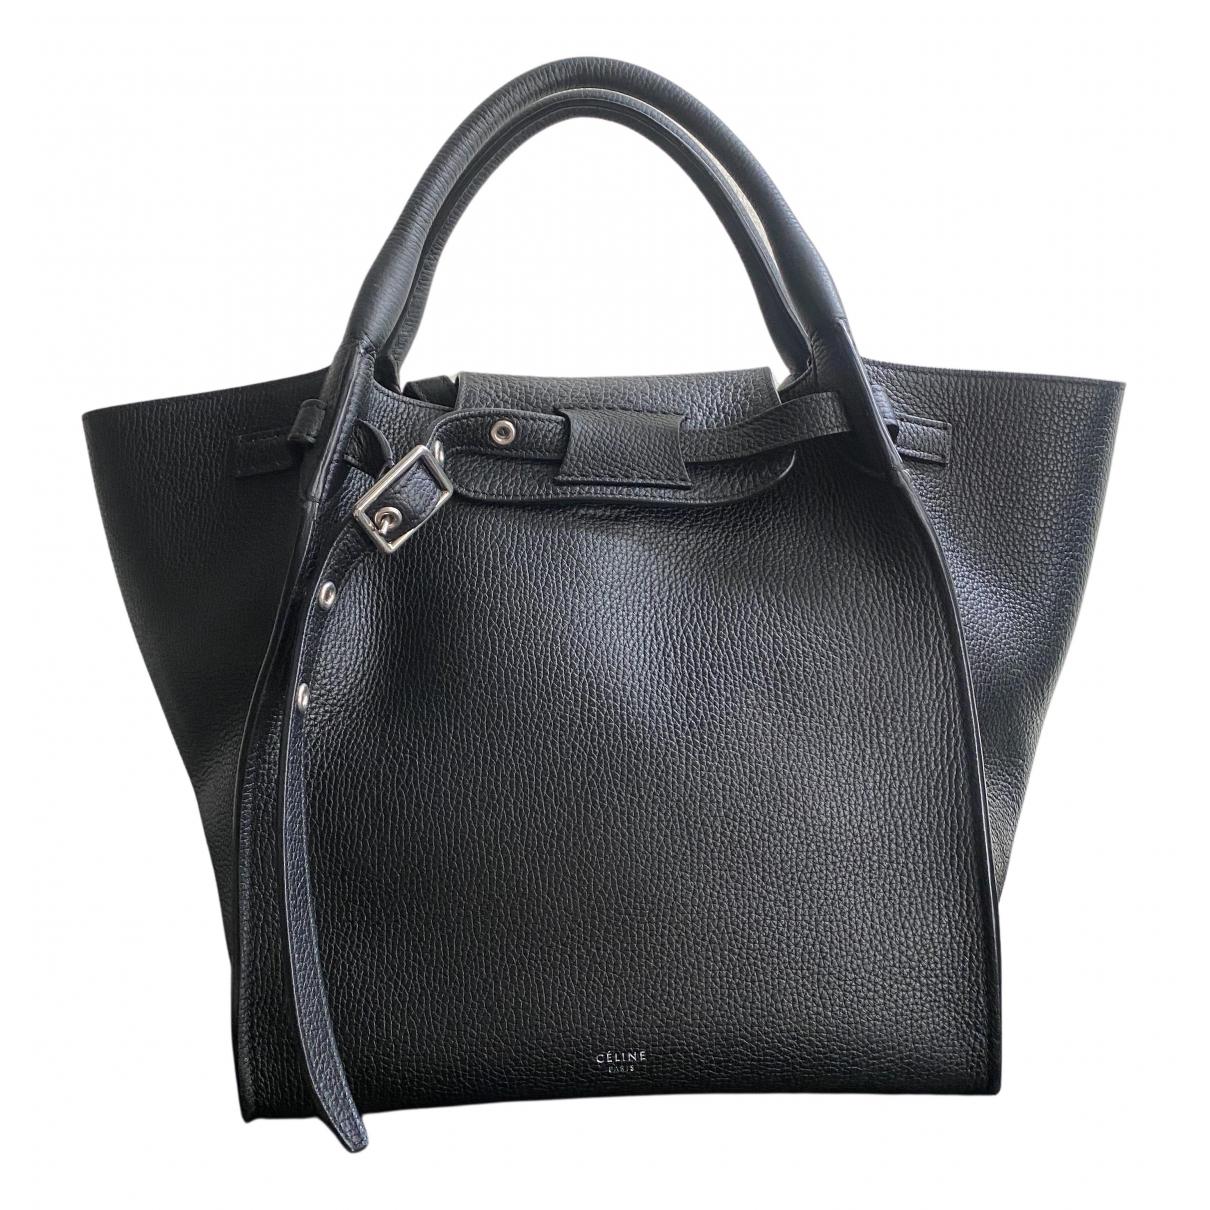 Celine Big Bag Black Leather handbag for Women N